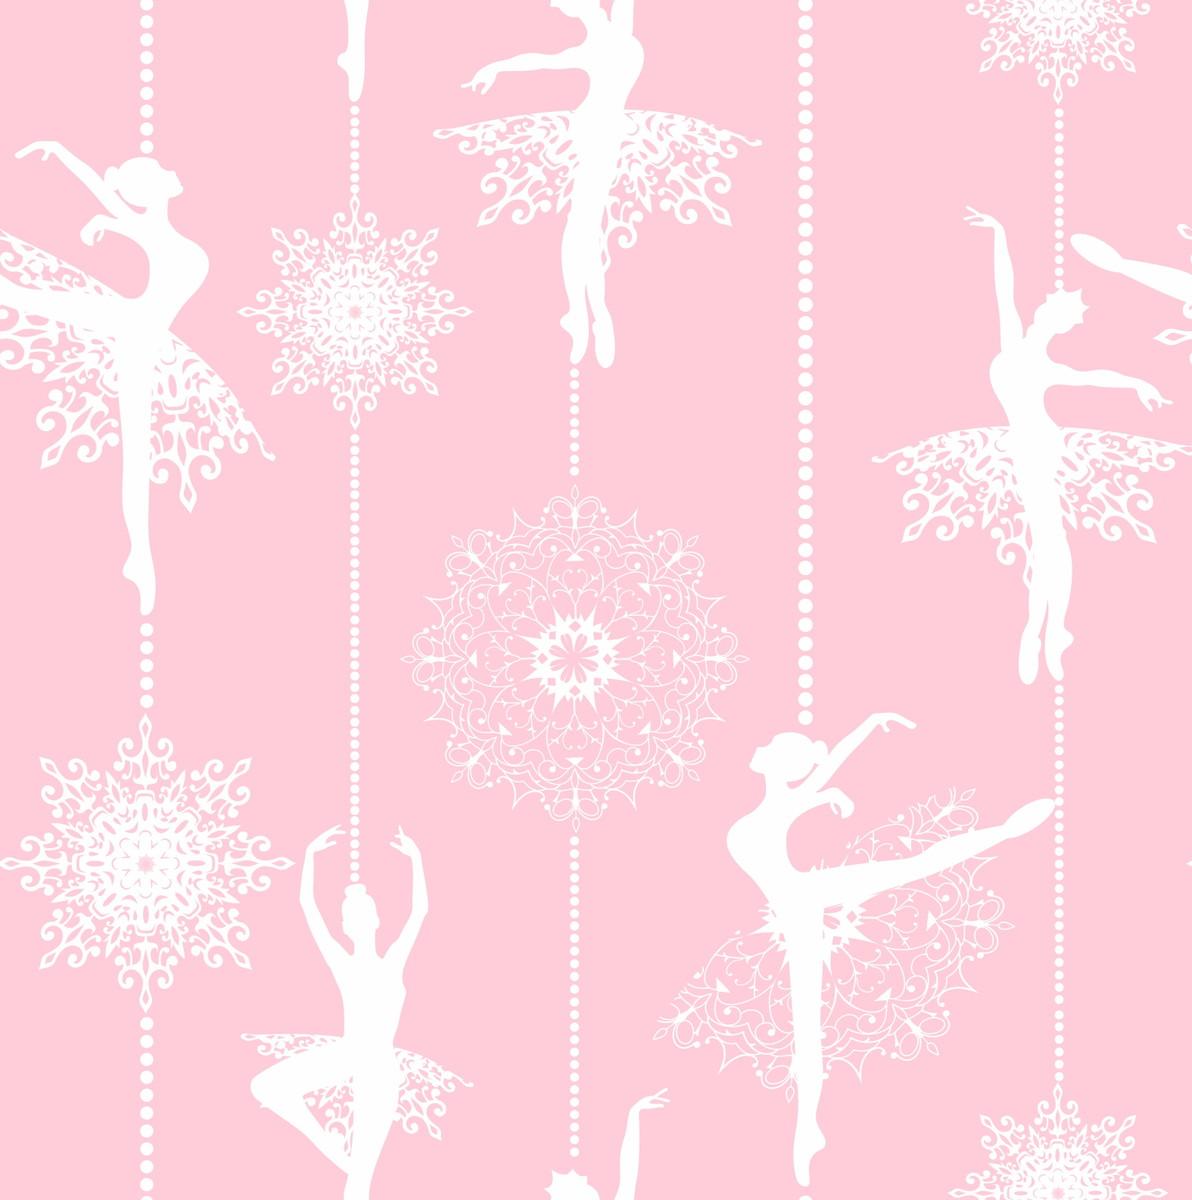 Papel de parede bailarina decor 01 no elo7 crie decore - Papel vinilico para paredes ...